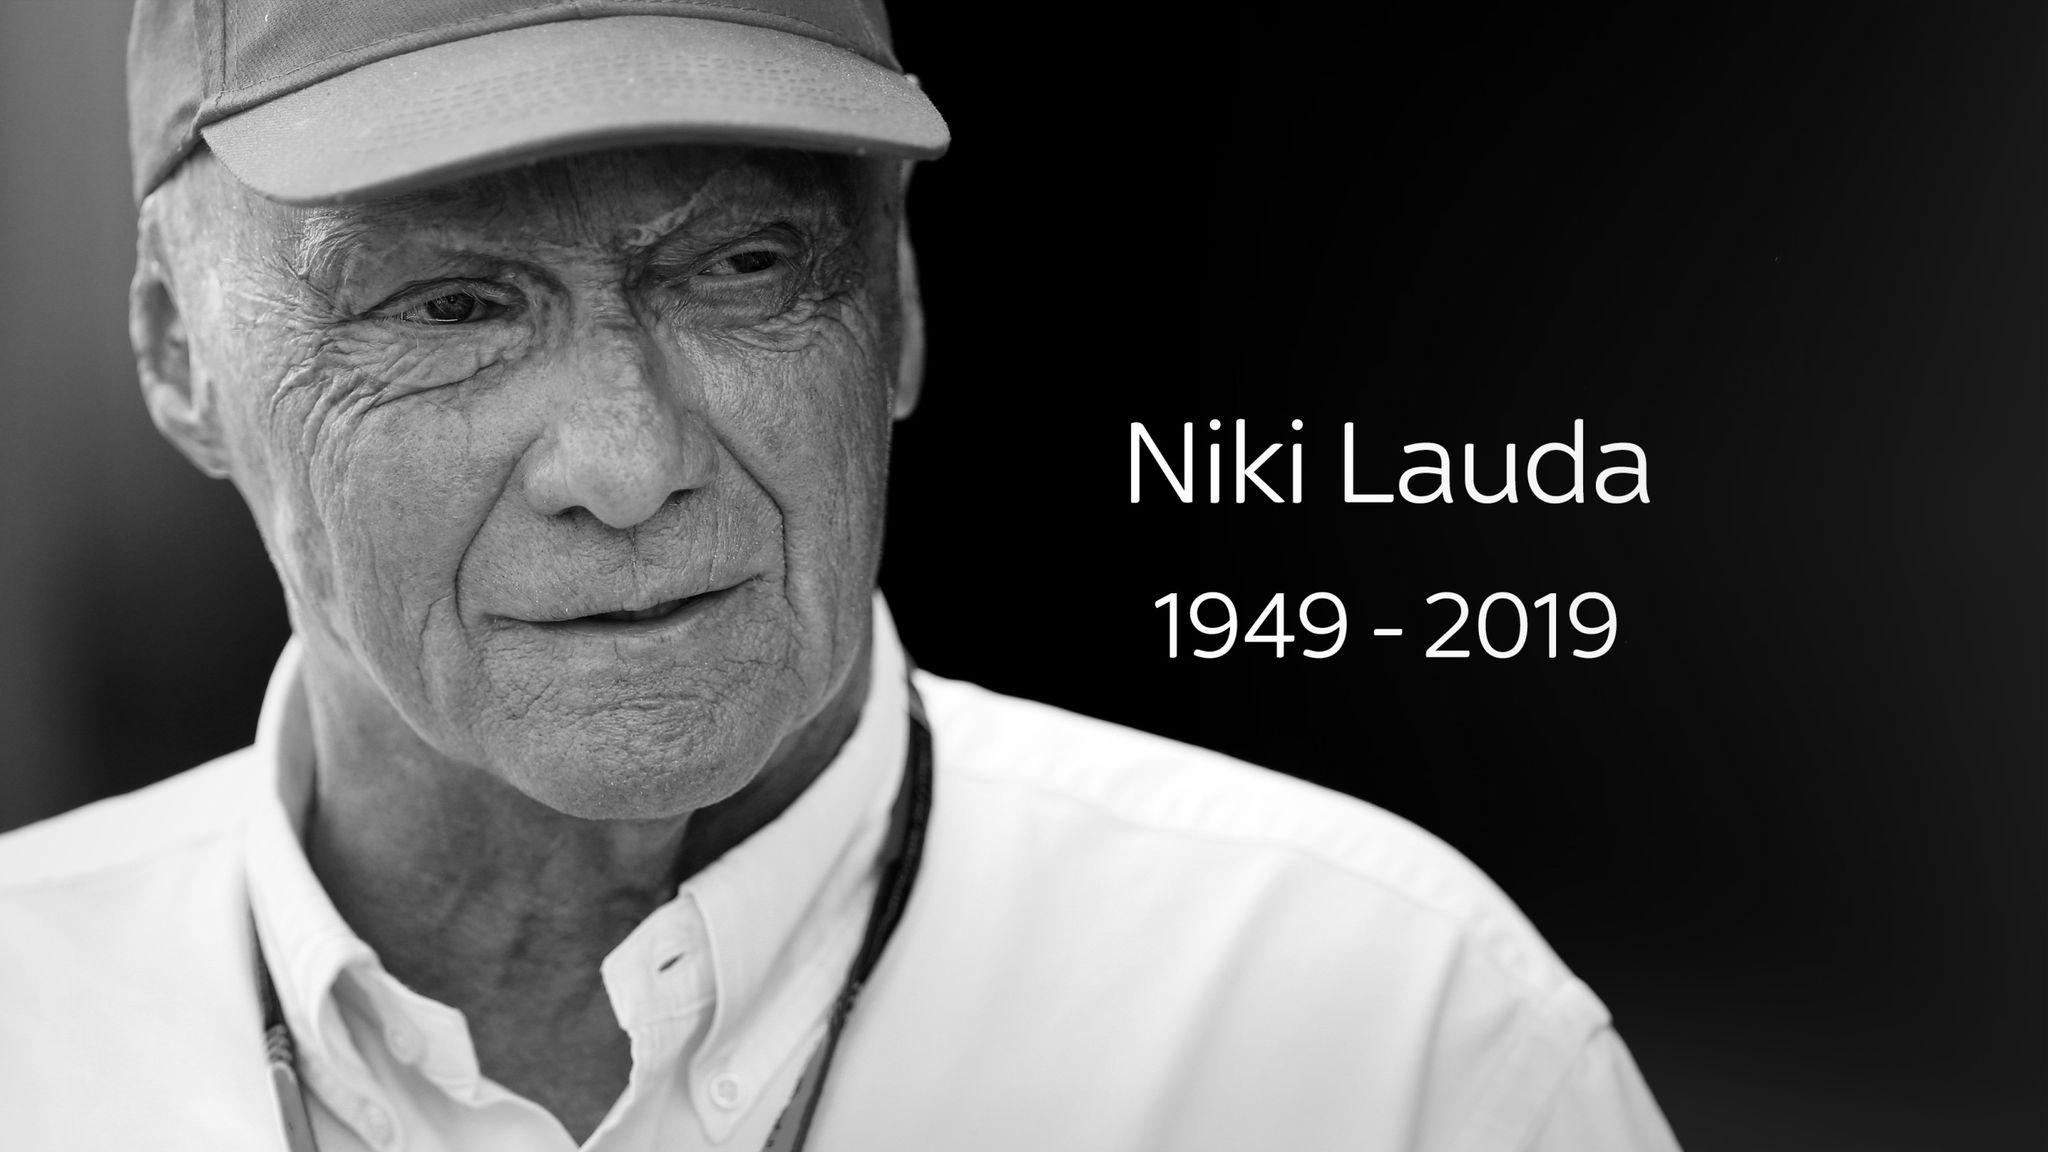 https://e0.365dm.com/19/05/2048x1152/skysports-niki-lauda-obit-obituary_4674895.jpg